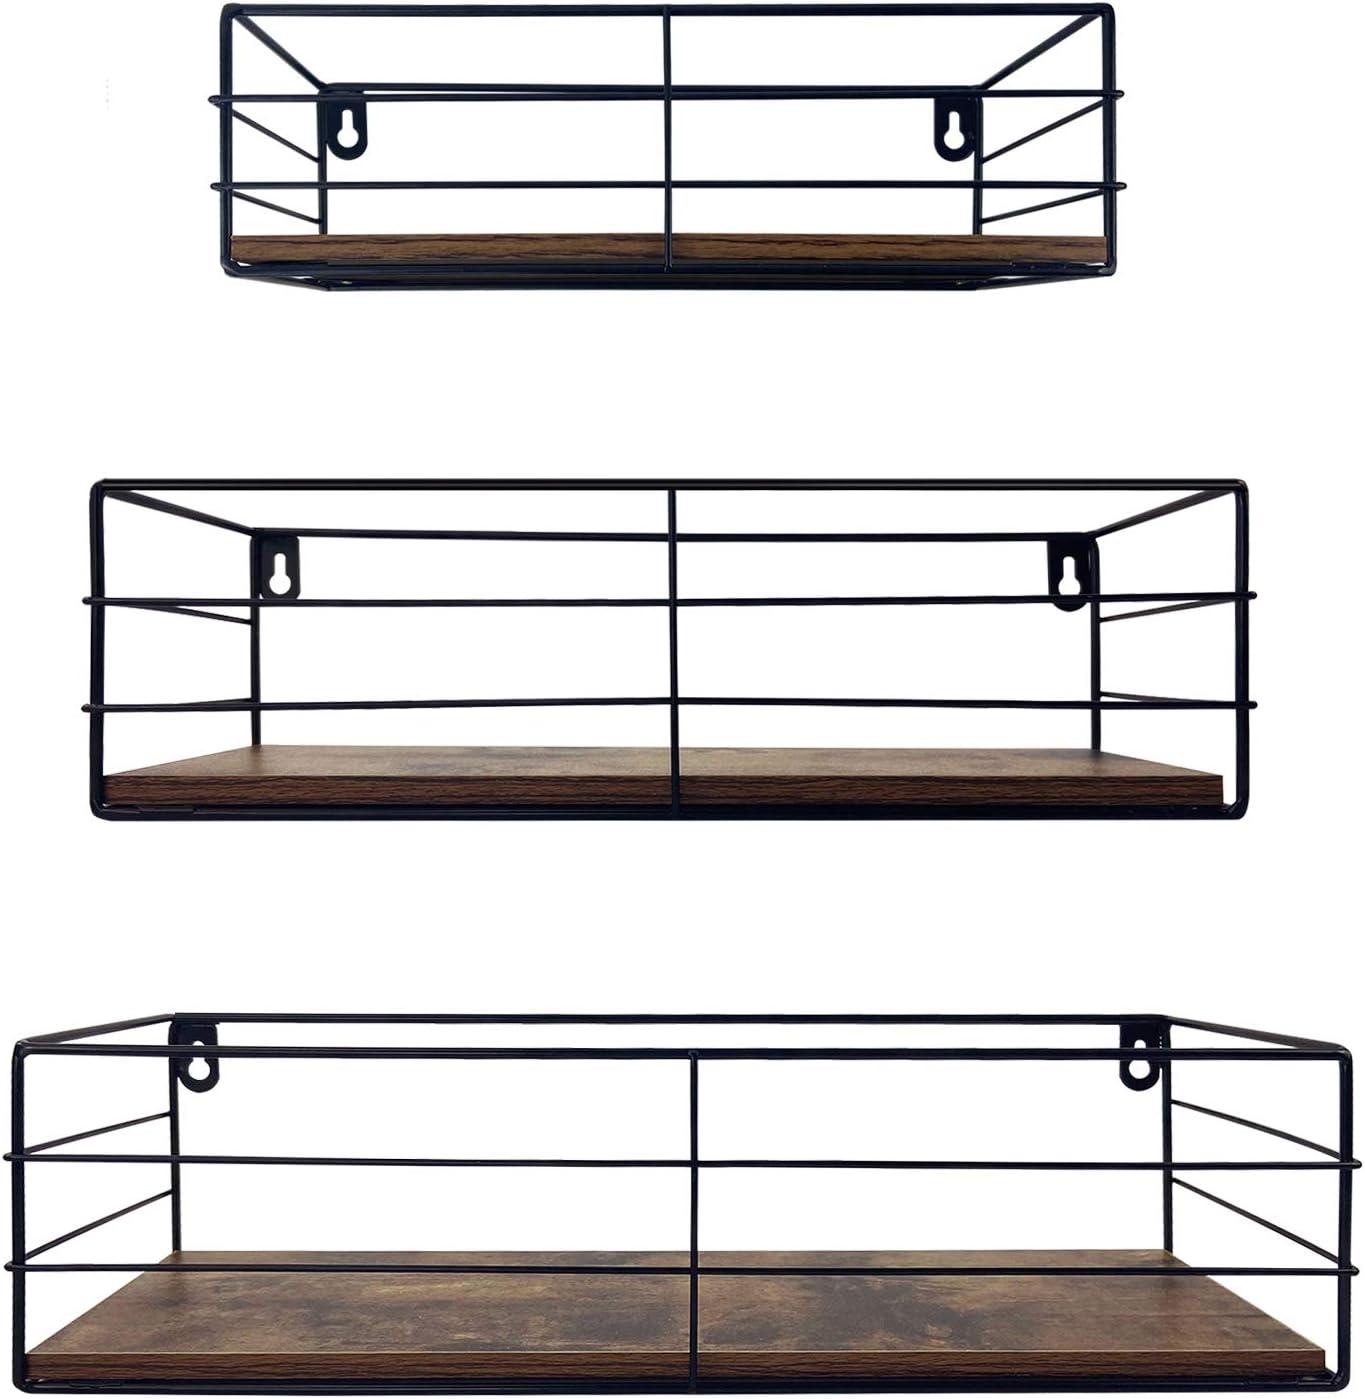 CRUGLA Floating Shelves Wall Mounted Set of 3, Hanging Storage Shelf for Bathroom, Living Room, Bedroom, Office